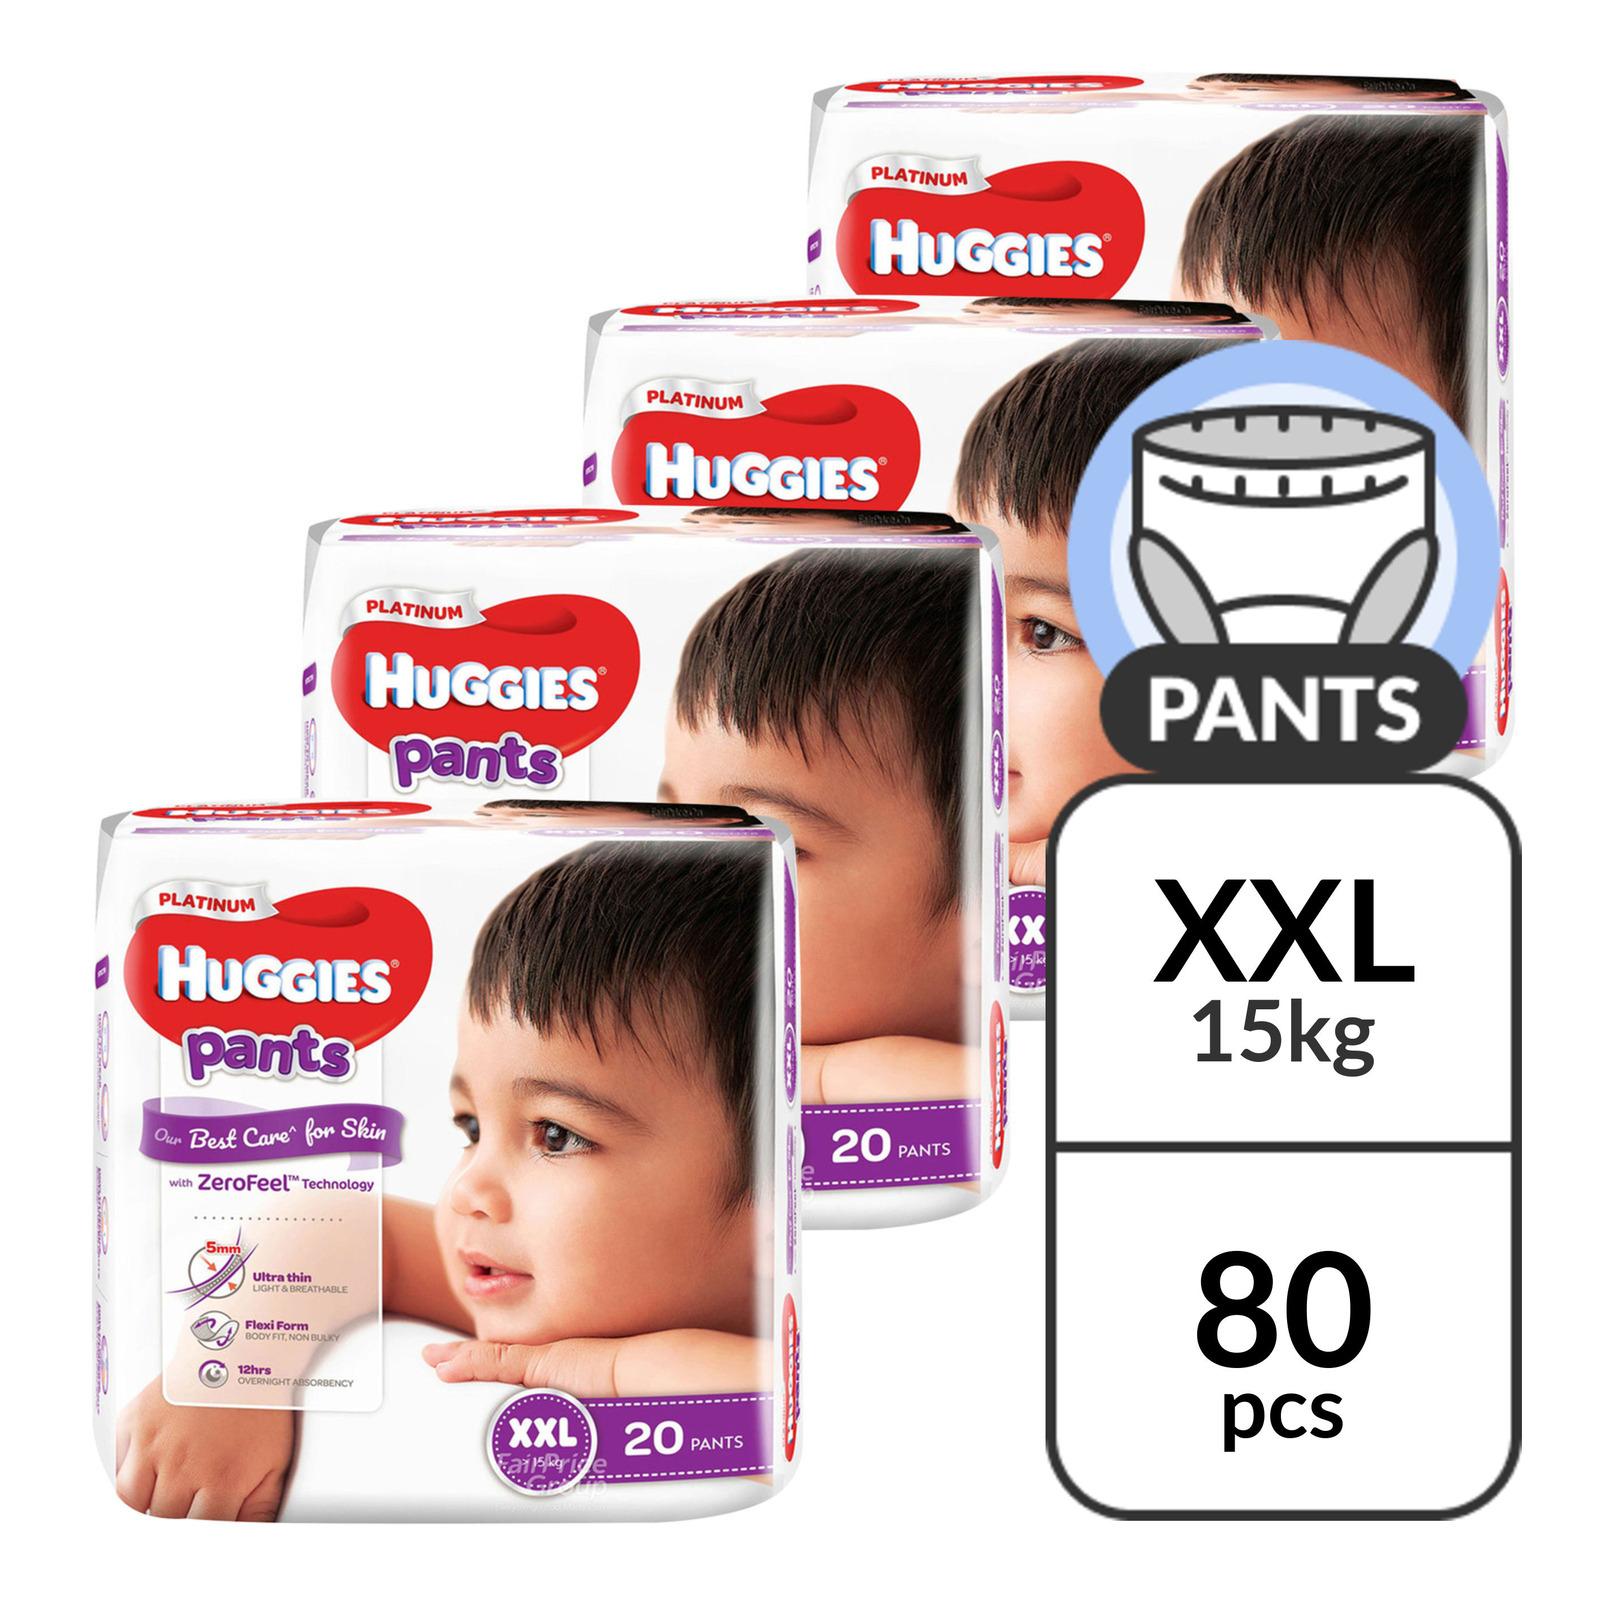 HUGGIES platinum pants xxl 20 pieces x 4 packs per carton